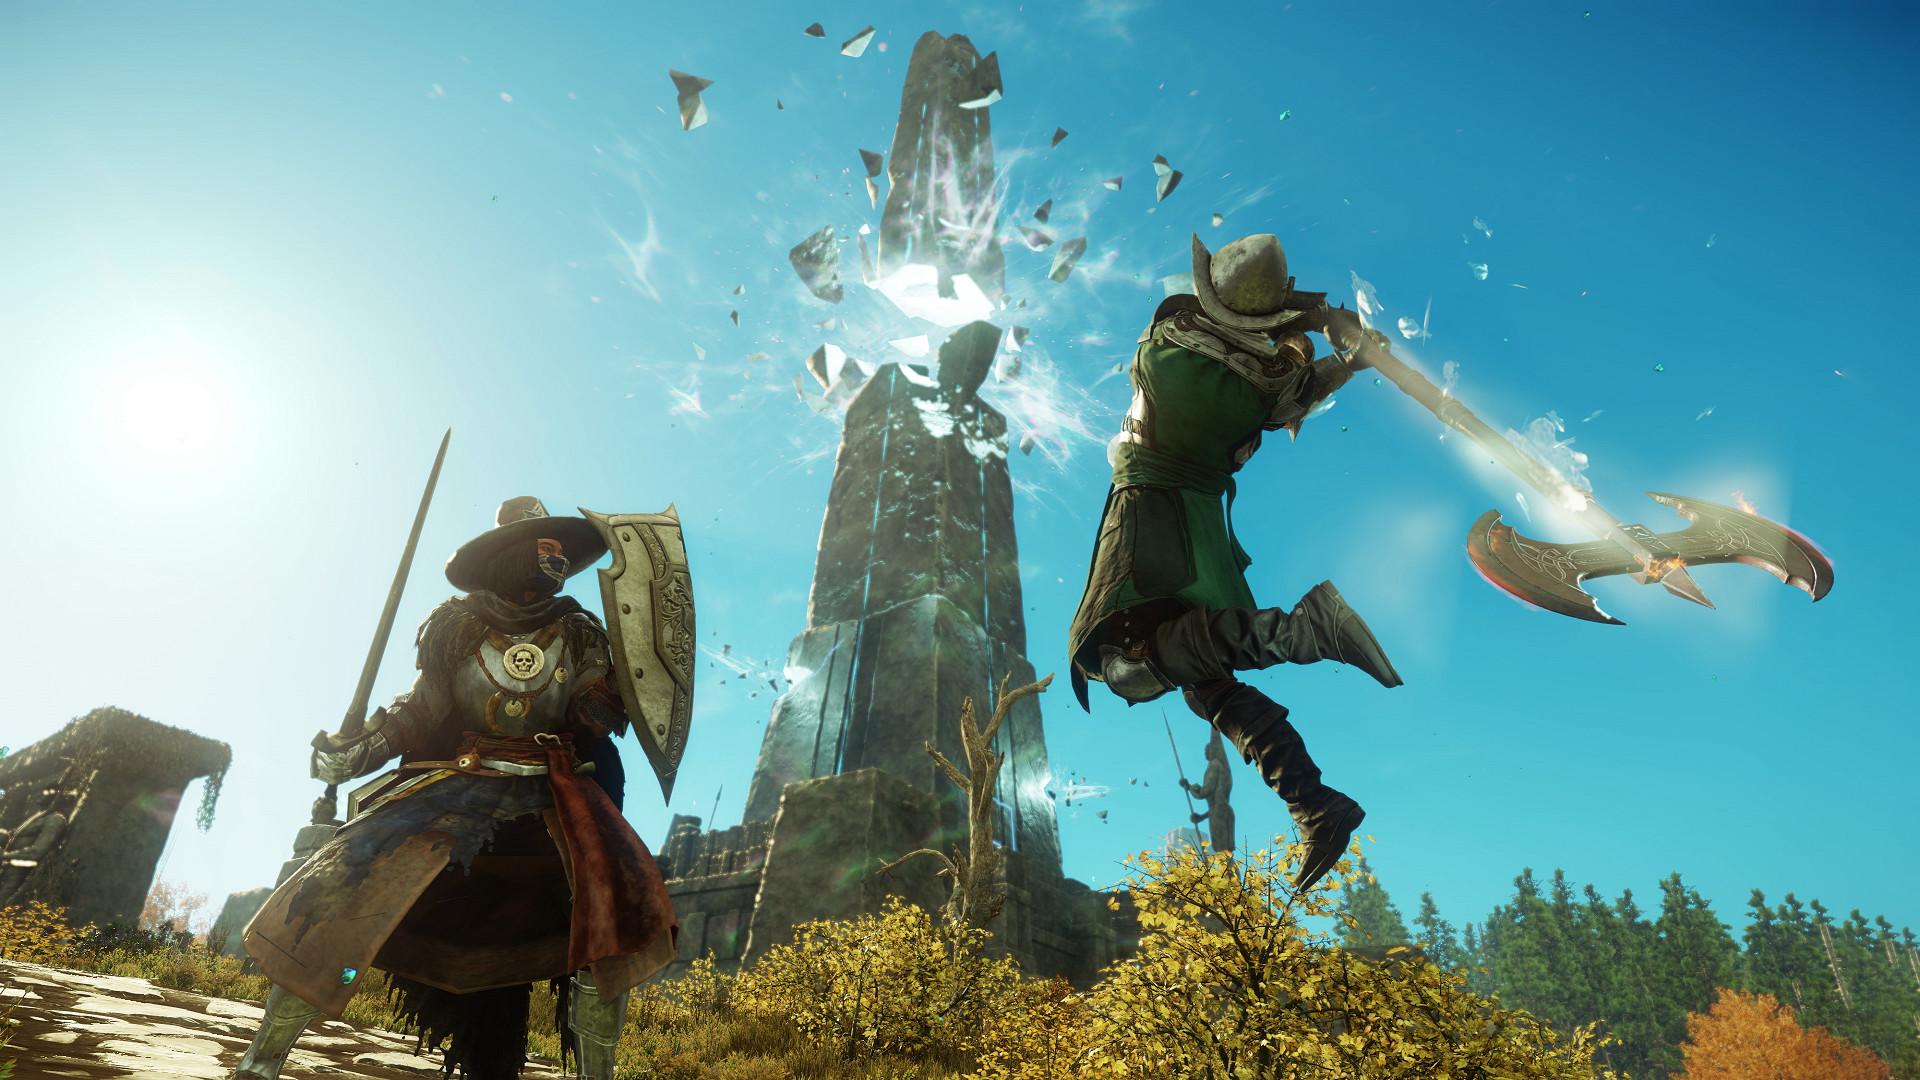 Thành công với tựa game MMO New World, Amazon đạt mốc son sau nhiều năm thất bại trong việc làm game - Ảnh 1.